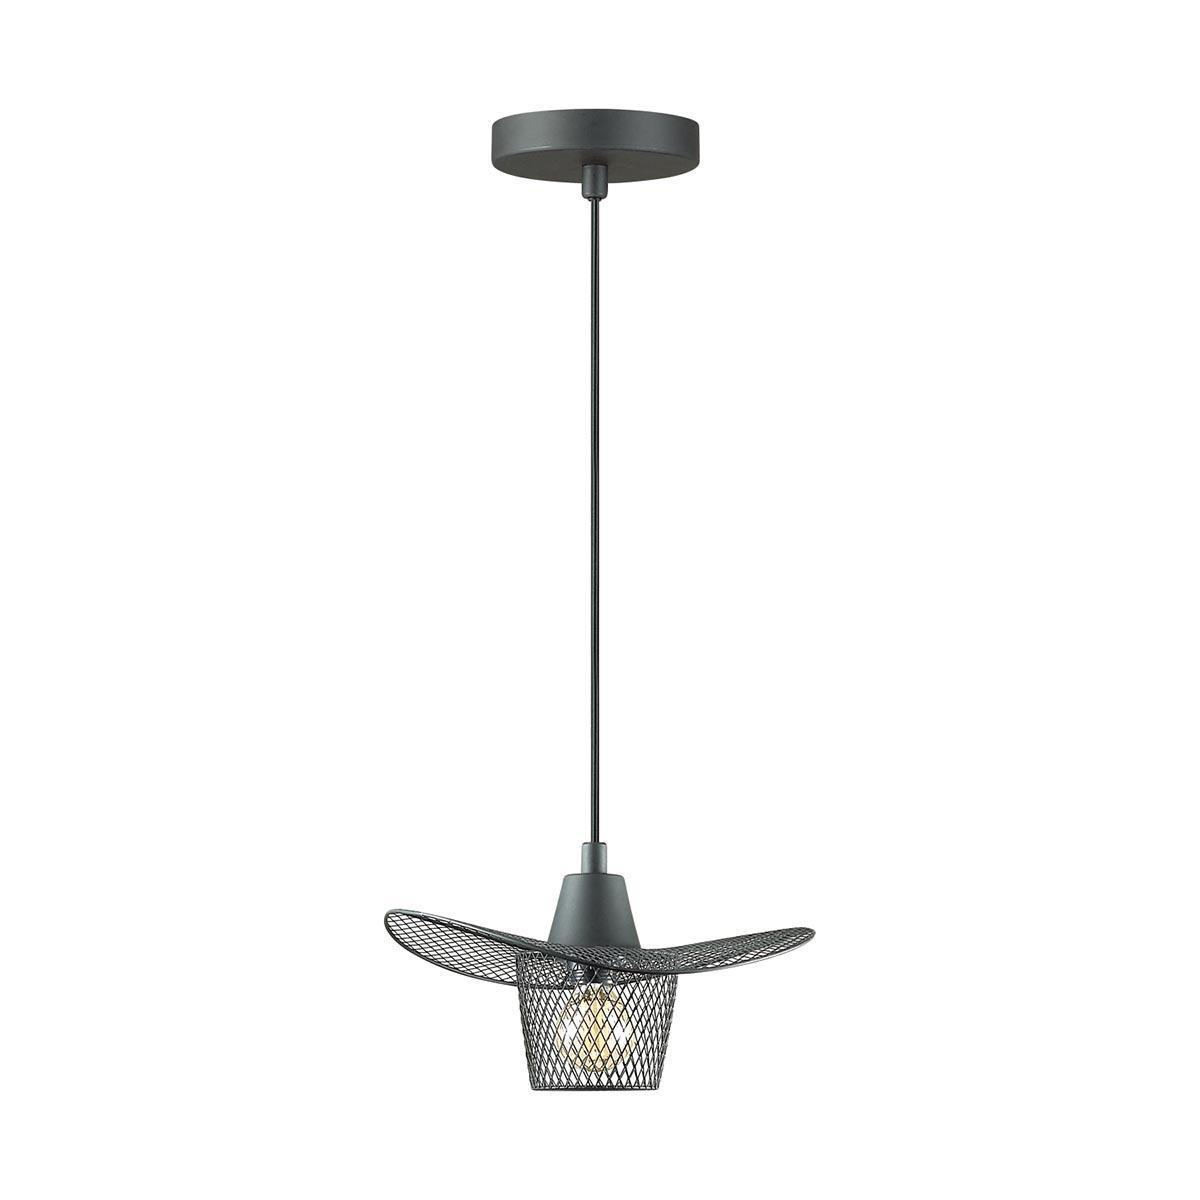 Подвесной светильник Lumion Marta 3744/1 подвесной светильник lumion 3144 1